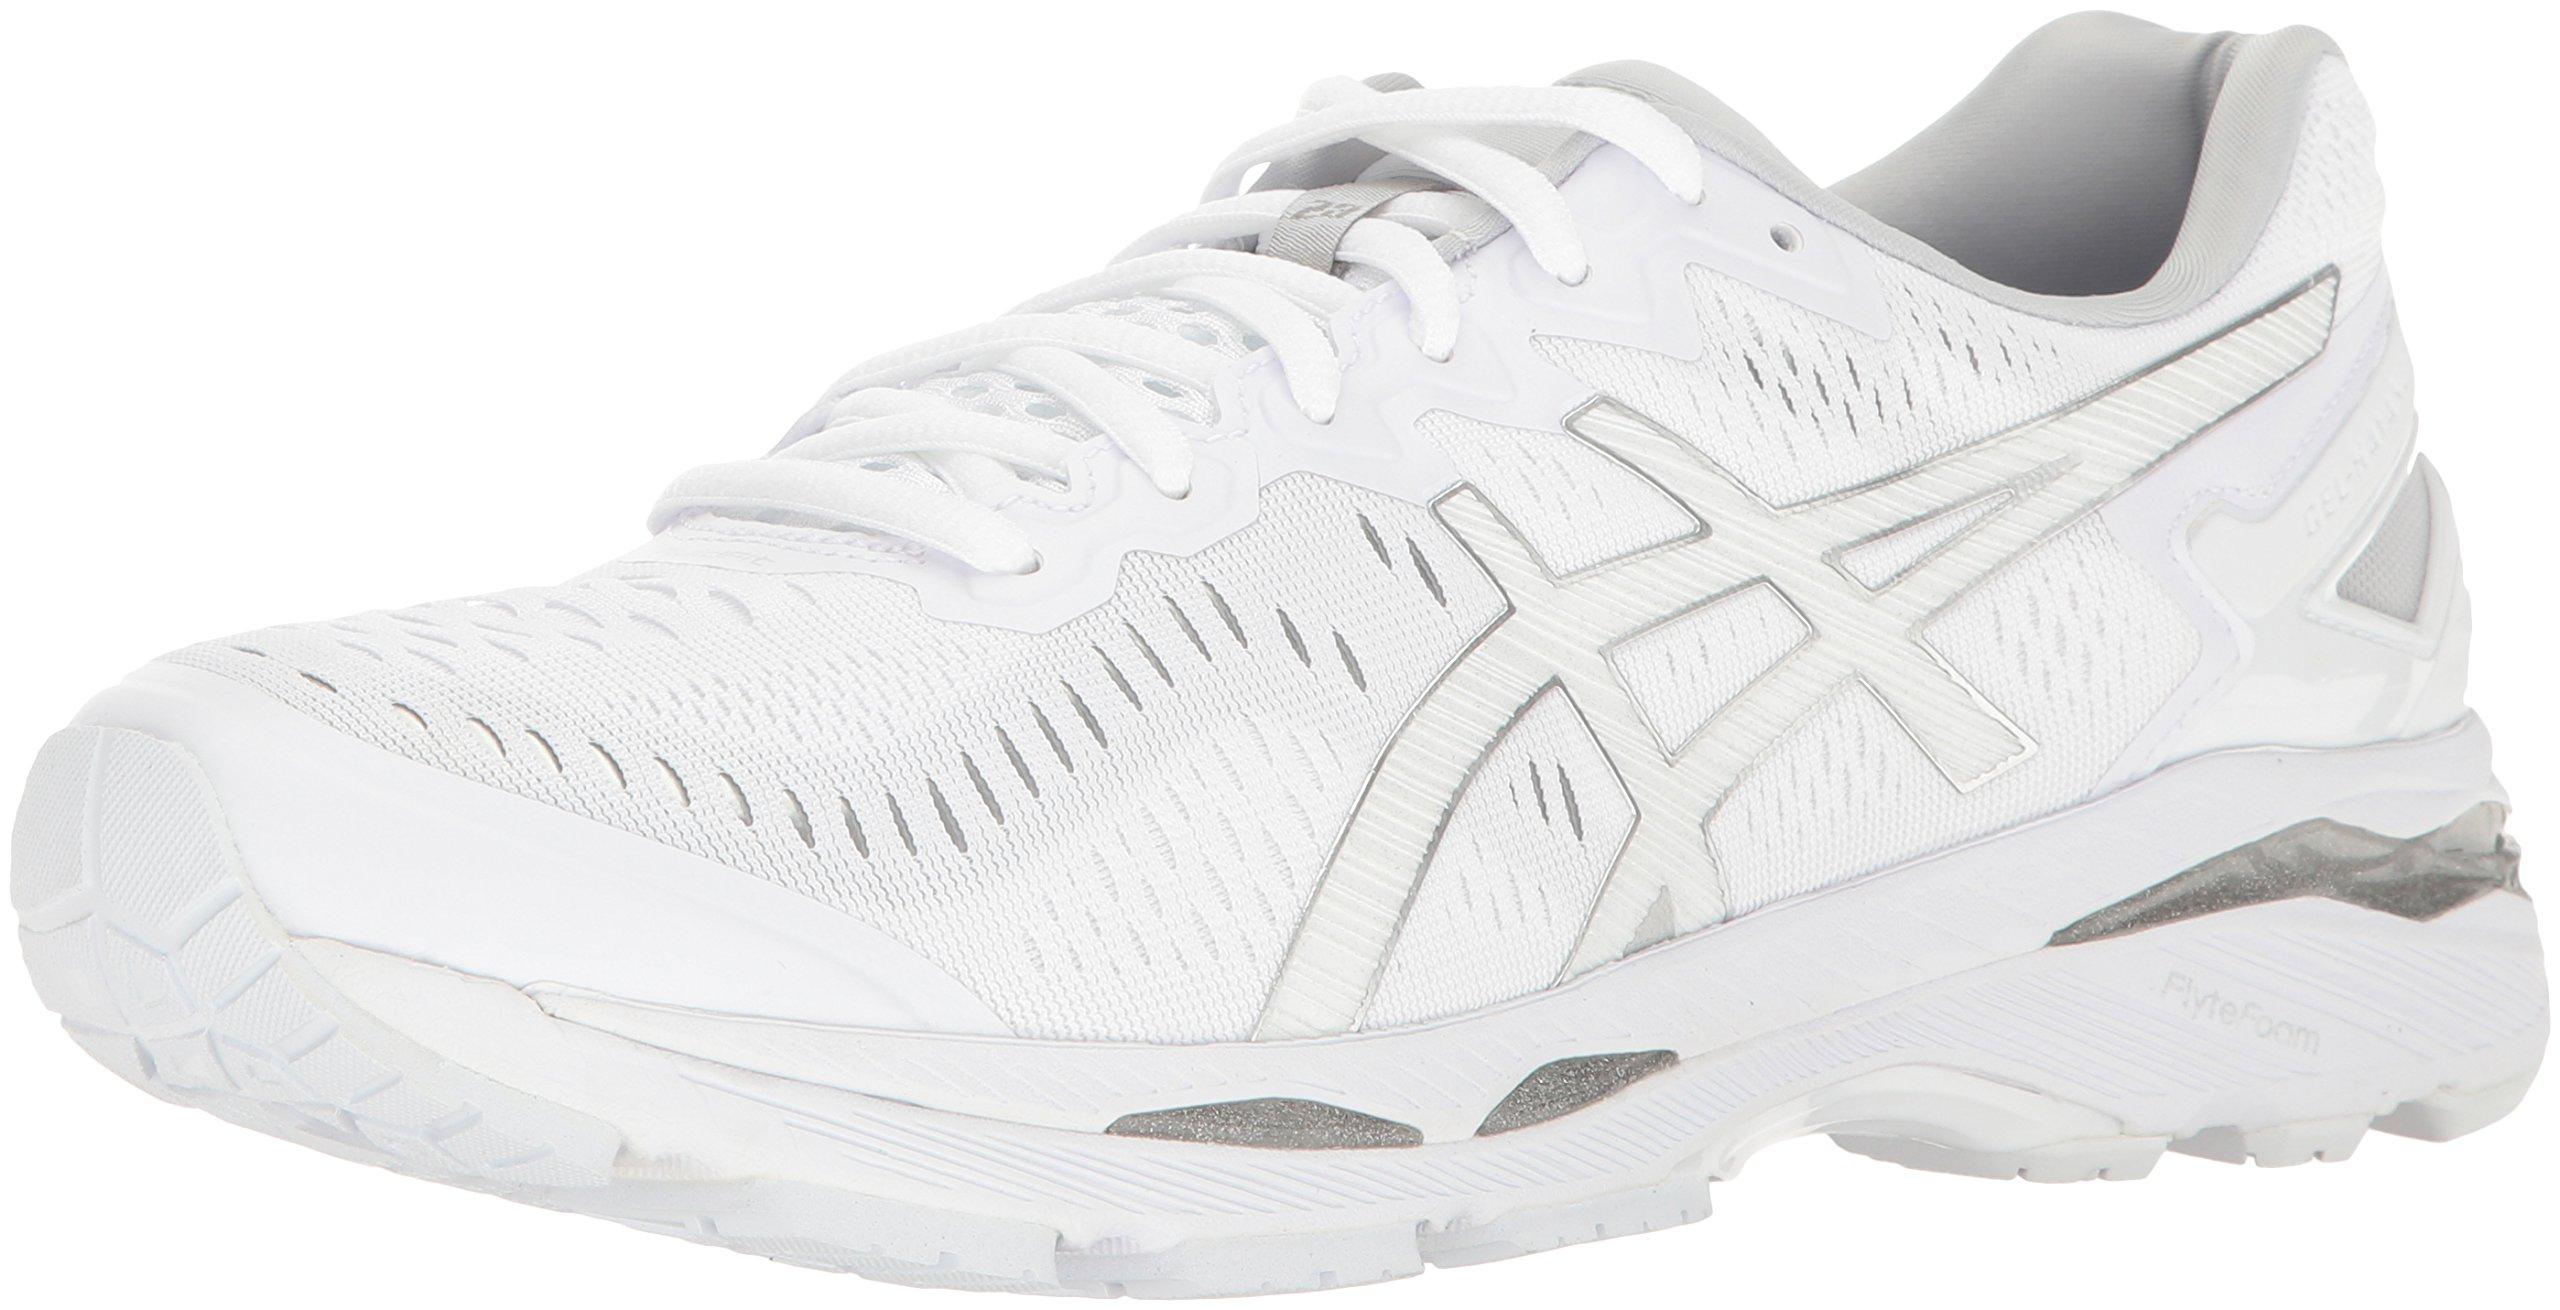 81z7Wo8doBL - ASICS Men's Gel-Kayano 23 Running Shoe